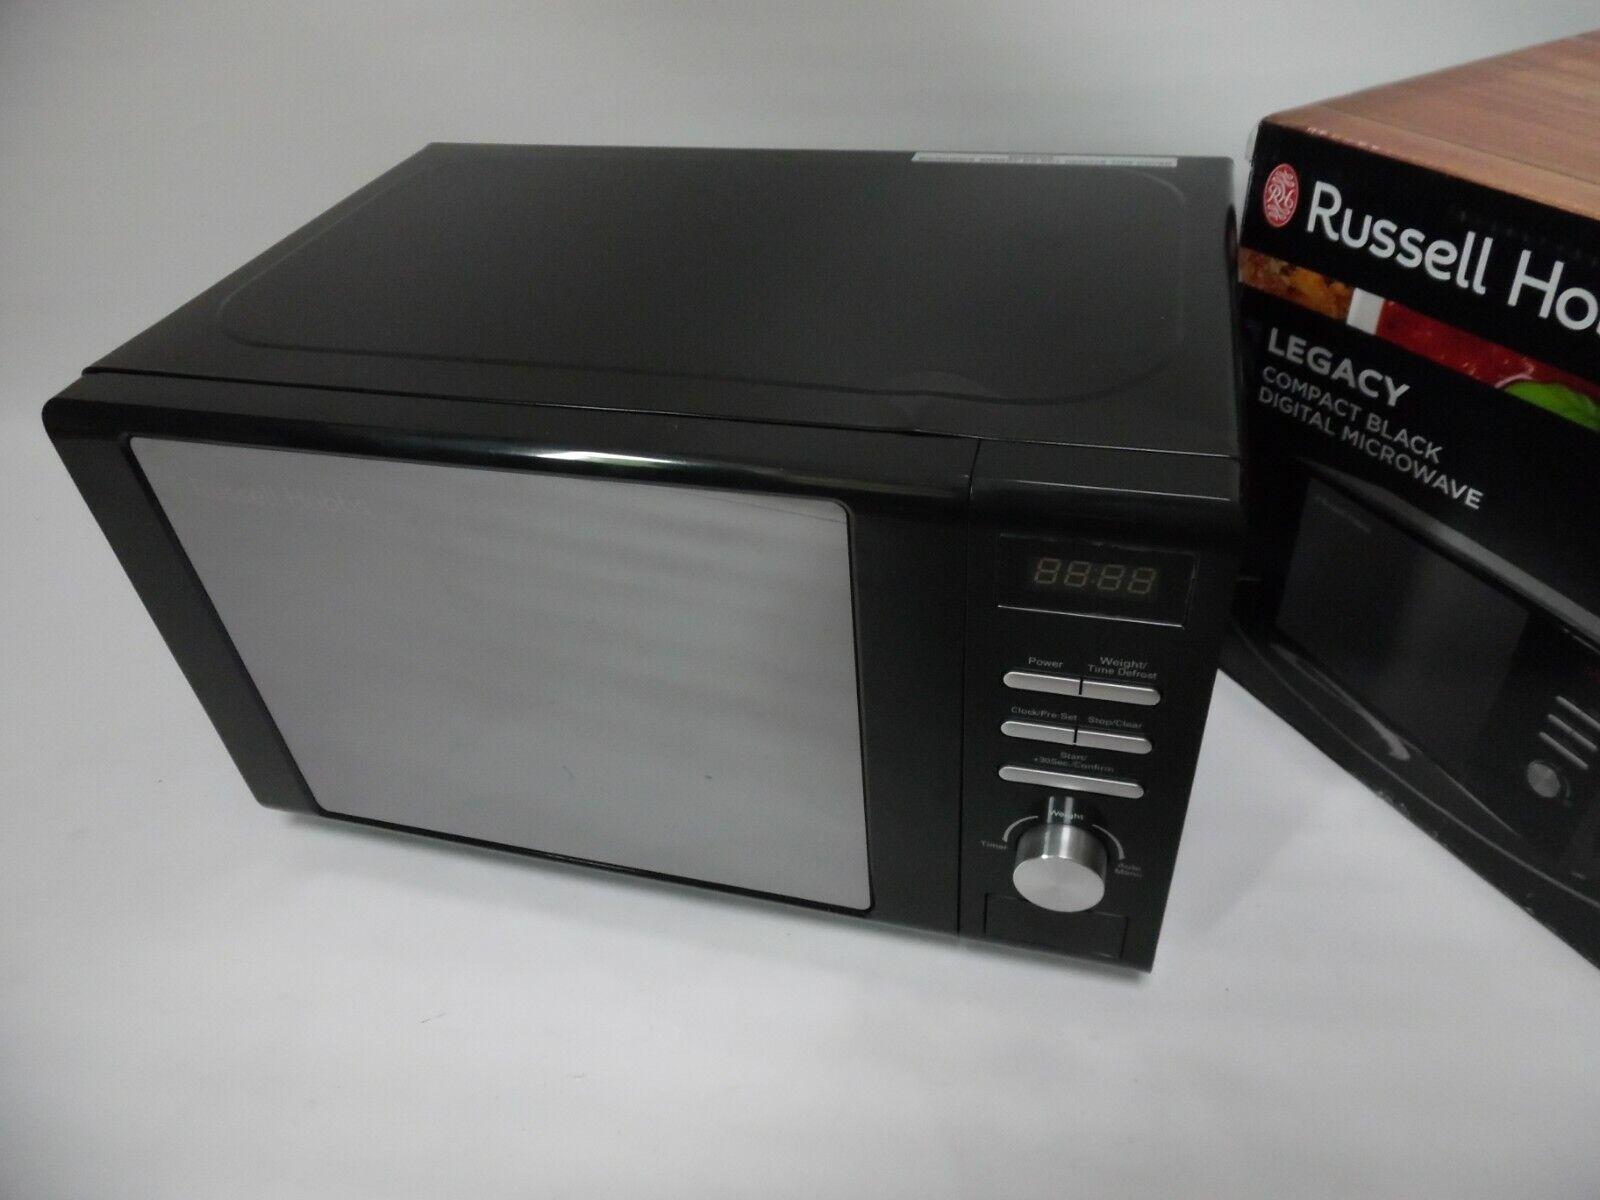 Russell Hobbs RHM2064B digitale Mikrowelle 800 Watt, 20L, schwarz B-Ware